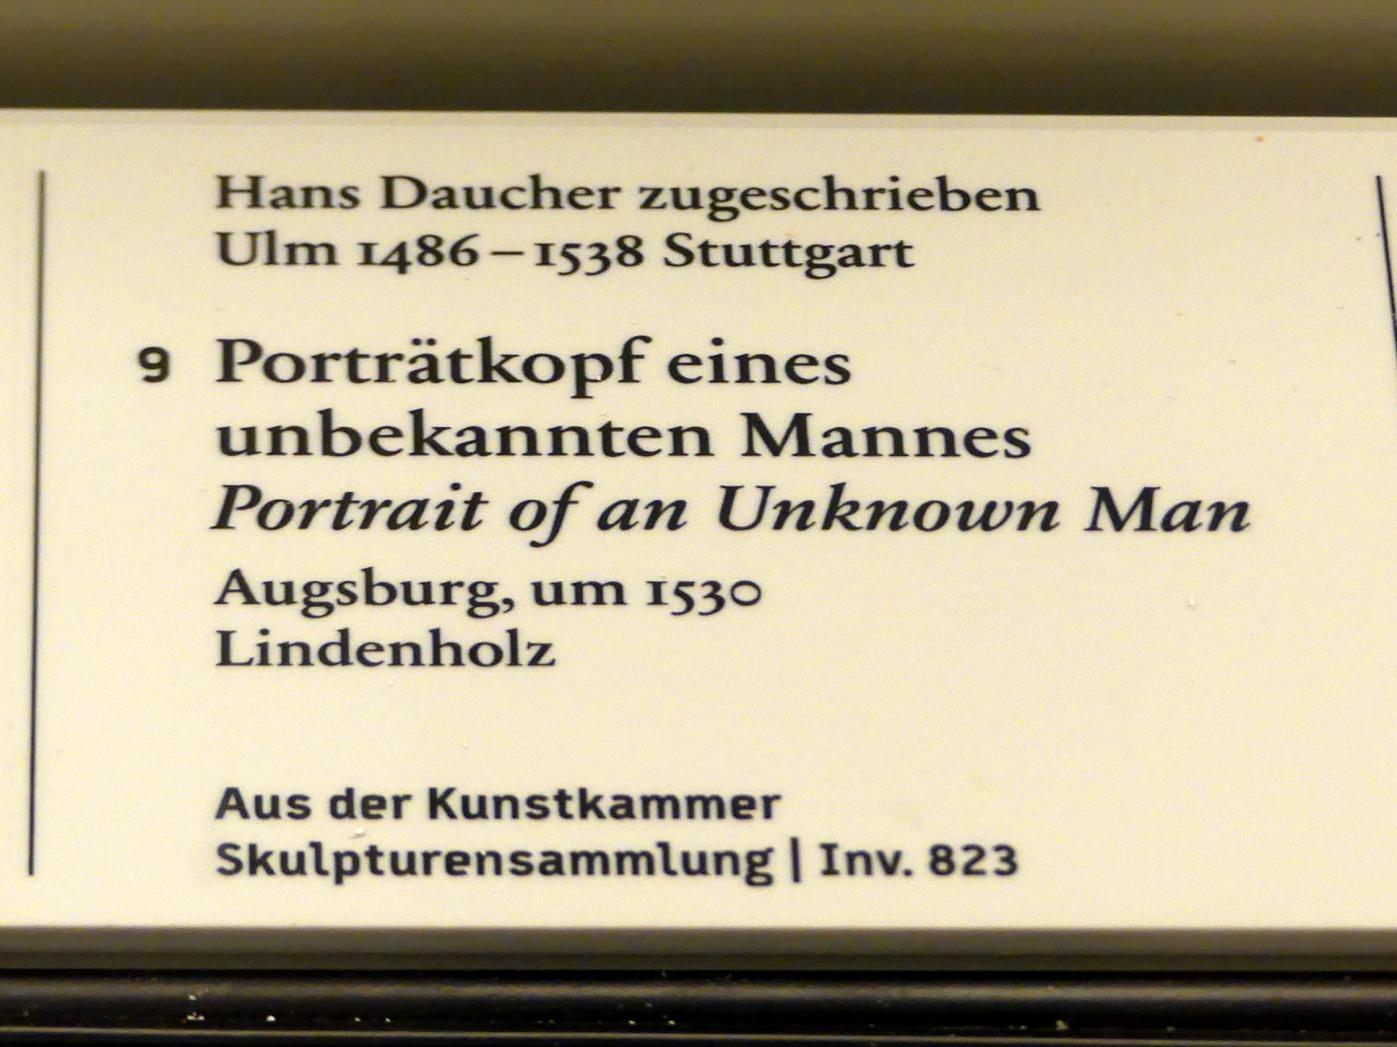 Hans Daucher: Porträtkopf eines unbekannten Mannes, um 1530